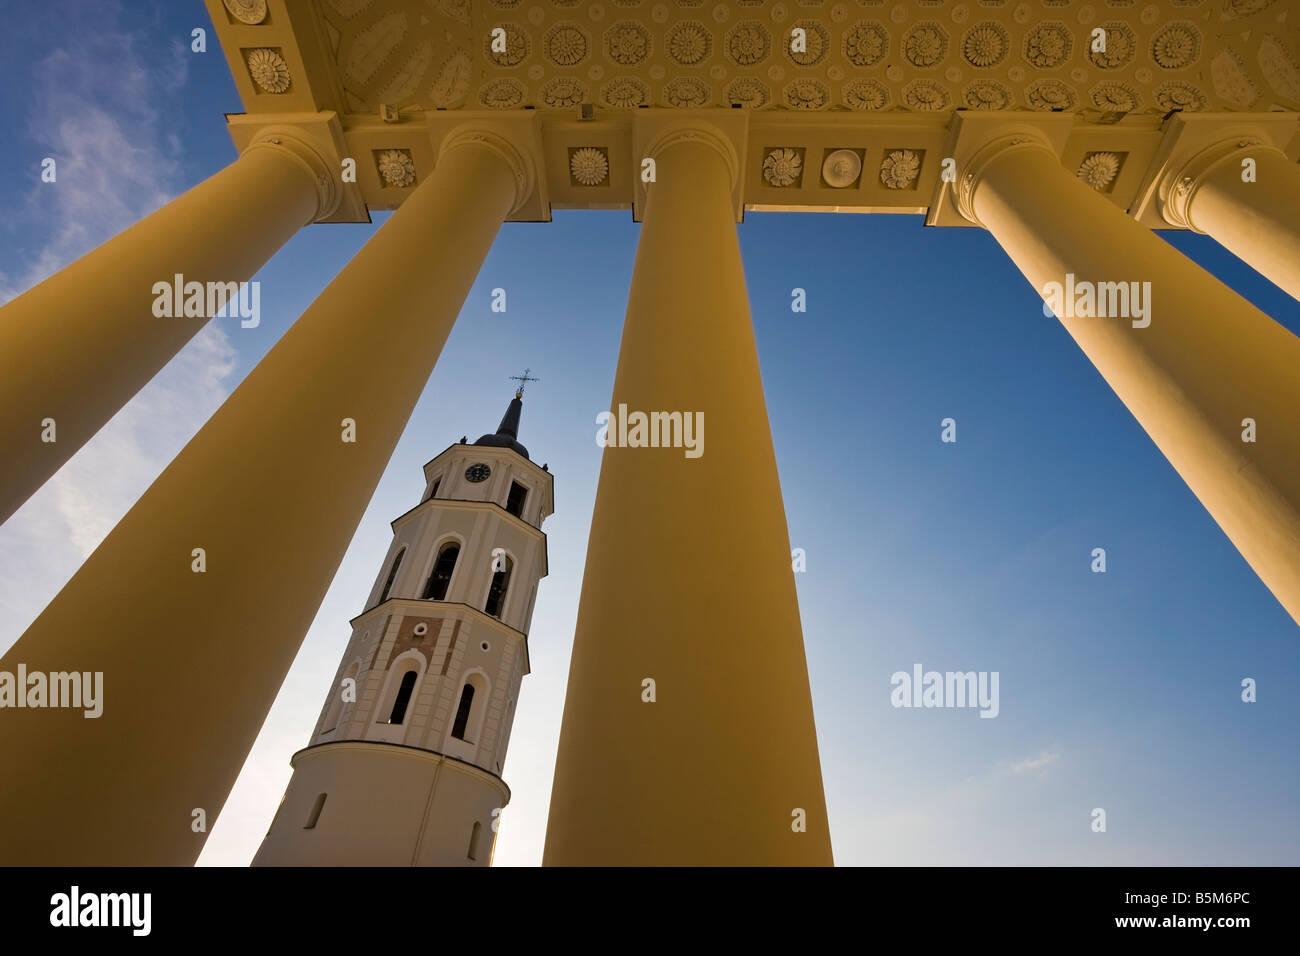 Baltischen Staaten Litauen, Vilnius, Vilnius Kathedrale und 57m hoher Glockenturm Stockbild